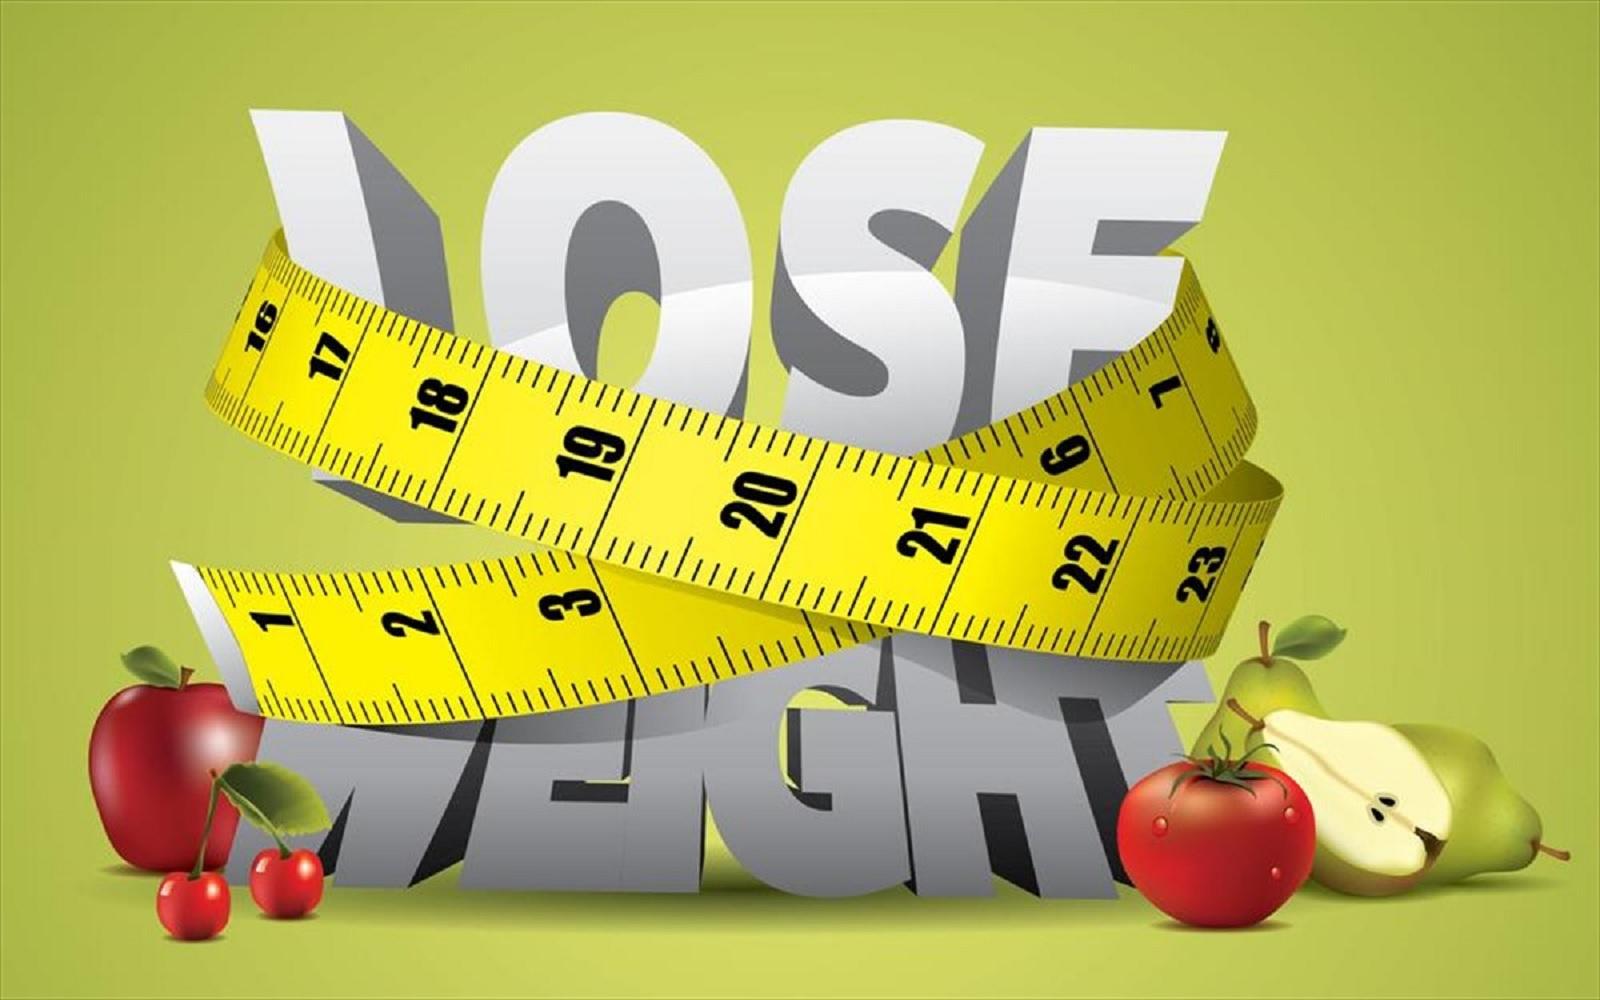 Πρωτεΐνες Υδατάνθρακες: Τροφές που μειώνουν το βάρος χωρίς πείνα